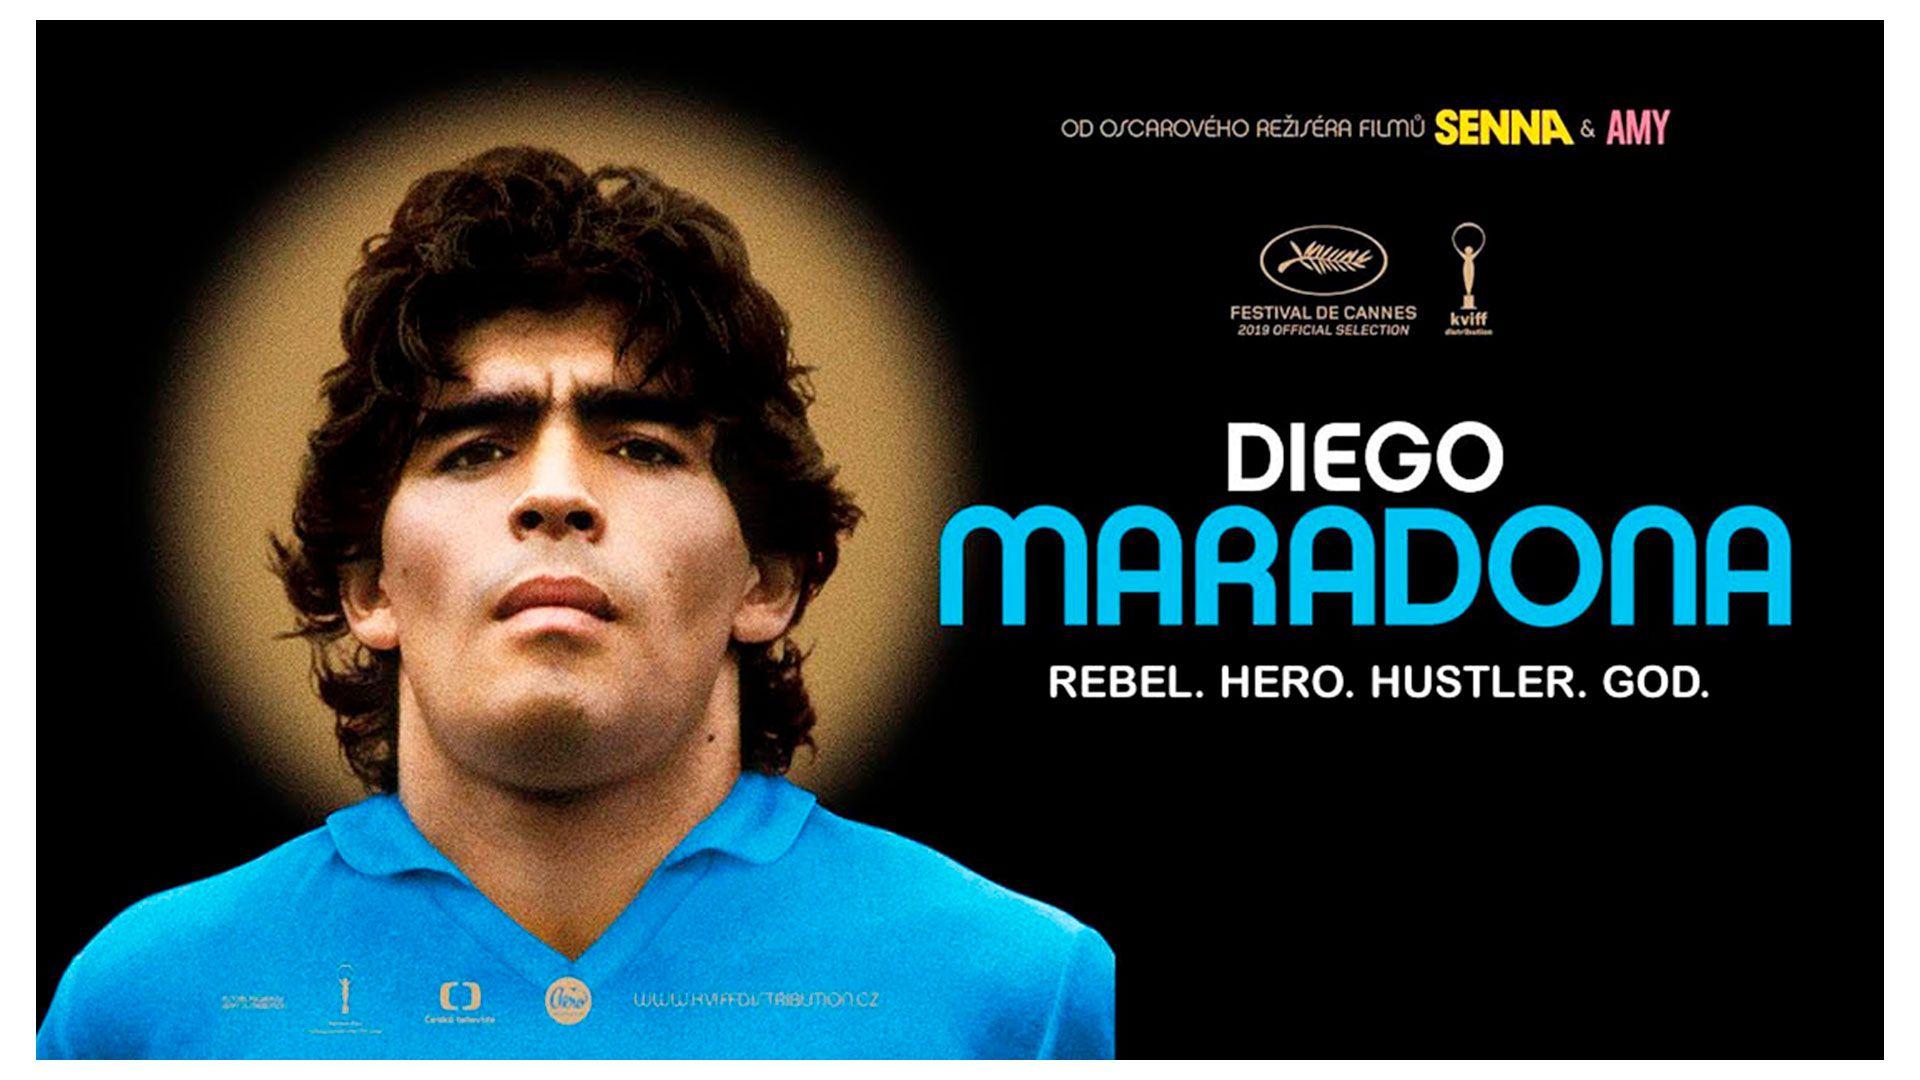 Diego Maradona 2019 Asif Kapadia